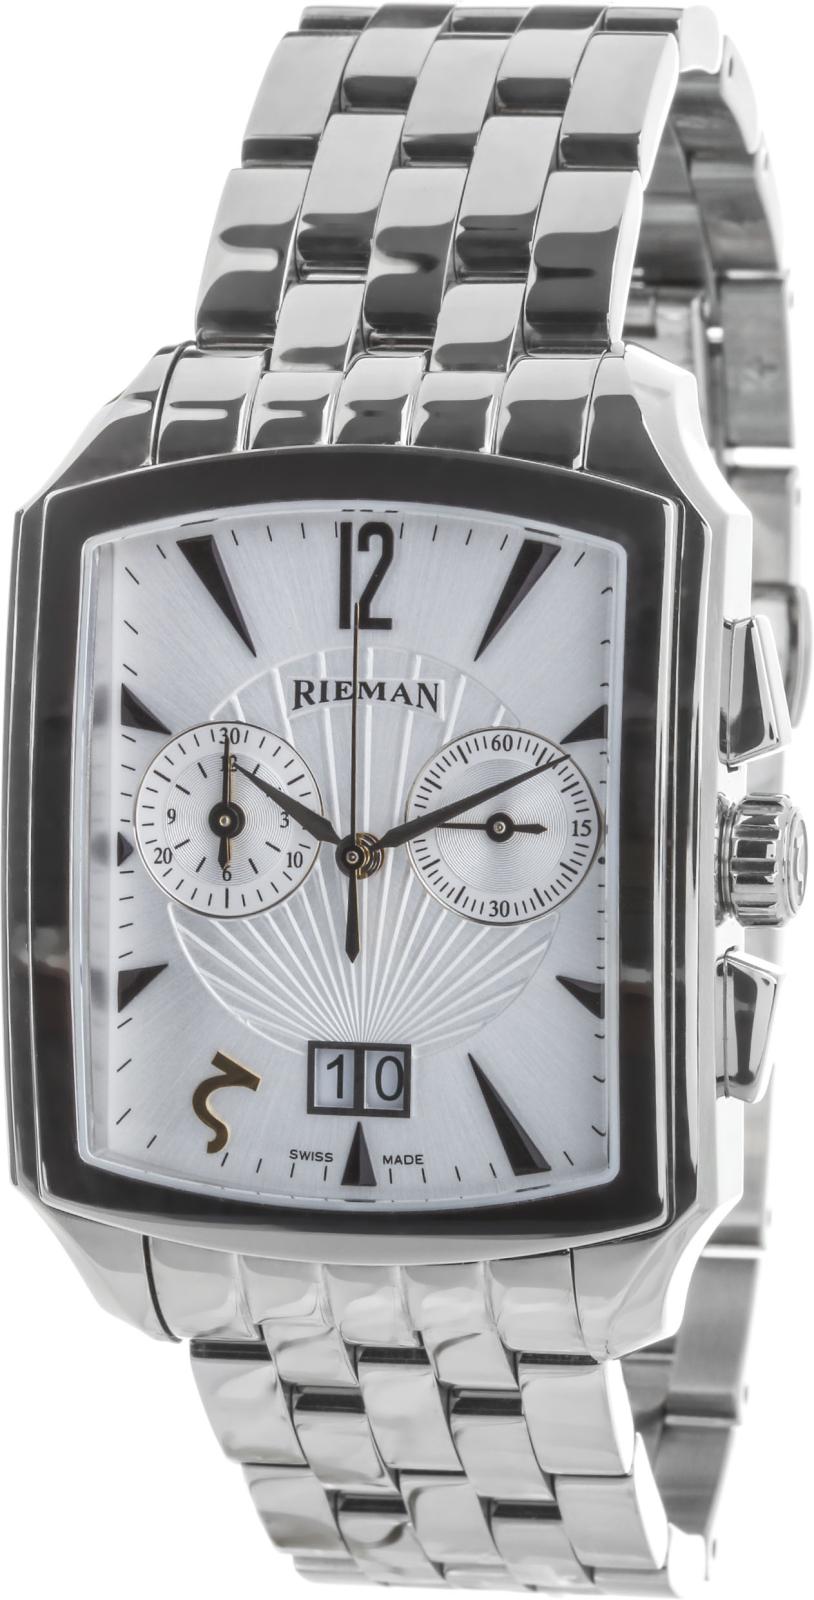 Rieman Chrono Integrale R1940.216.012Наручные часы<br>Швейцарские часы Rieman Chrono Integrale R1940.216.012Часы входят в модельный ряд коллекции Chrono Integrale. Это великолепные мужские часы. Материал корпуса часов — сталь. Циферблат часов защищает сапфировое стекло. Водозащита этих часов 30 м. Цвет циферблата - белый. Циферблат модели содержит часы, минуты, секунды. В данной модели используются следующие усложнения: дата, . Диаметр корпуса часов составляет 35х49.5мм.<br><br>Для кого?: Мужские<br>Страна-производитель: Швейцария<br>Механизм: Кварцевый<br>Материал корпуса: Сталь<br>Материал ремня/браслета: Сталь<br>Водозащита, диапазон: 20 - 100 м<br>Стекло: Сапфировое<br>Толщина корпуса/: <br>Стиль: Классика